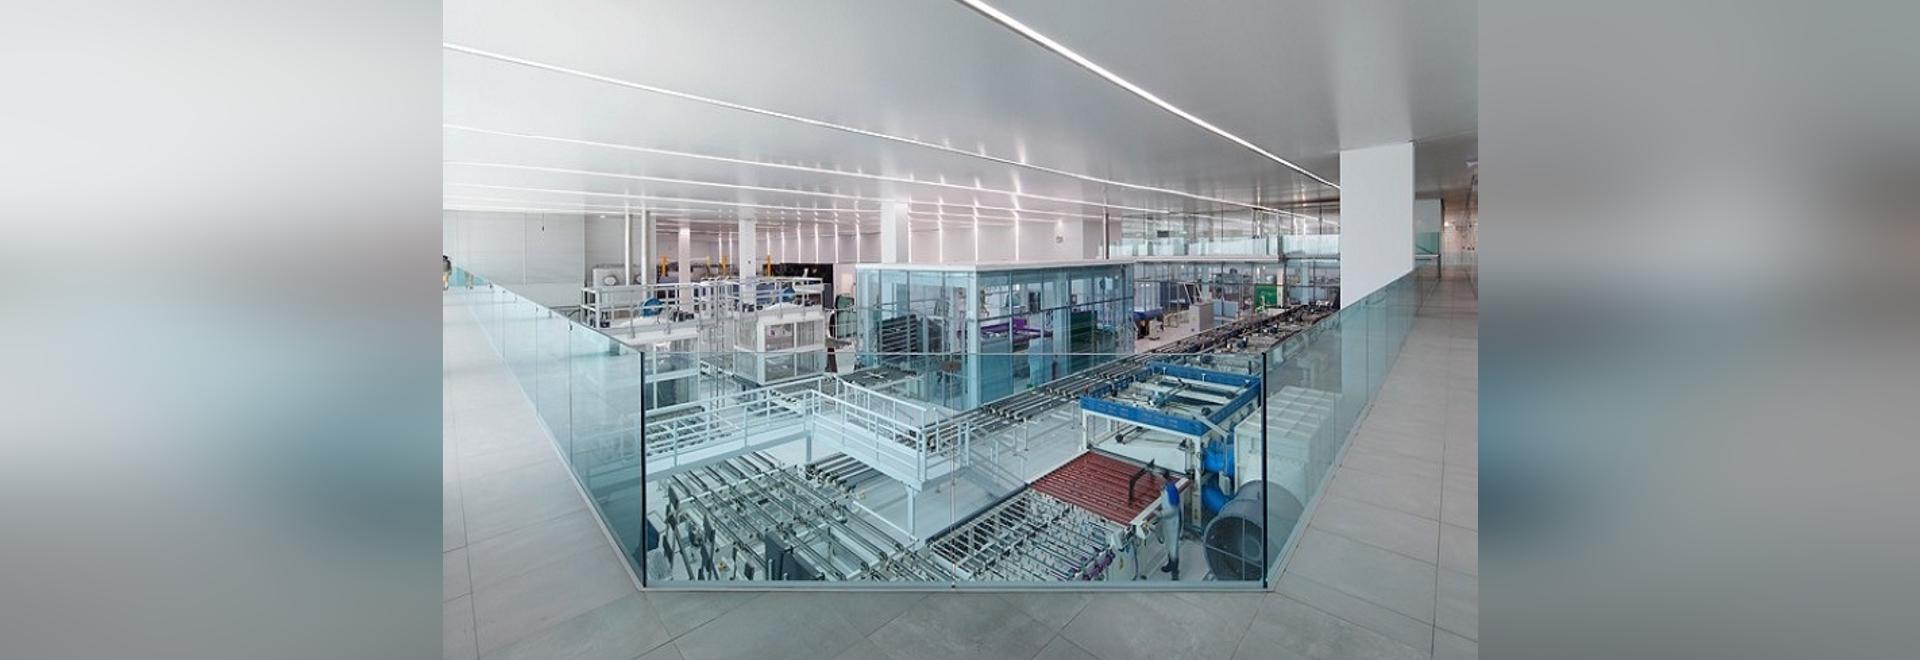 l'architettura vuota completa la fabbrica dei eGlass di AGP a Lima